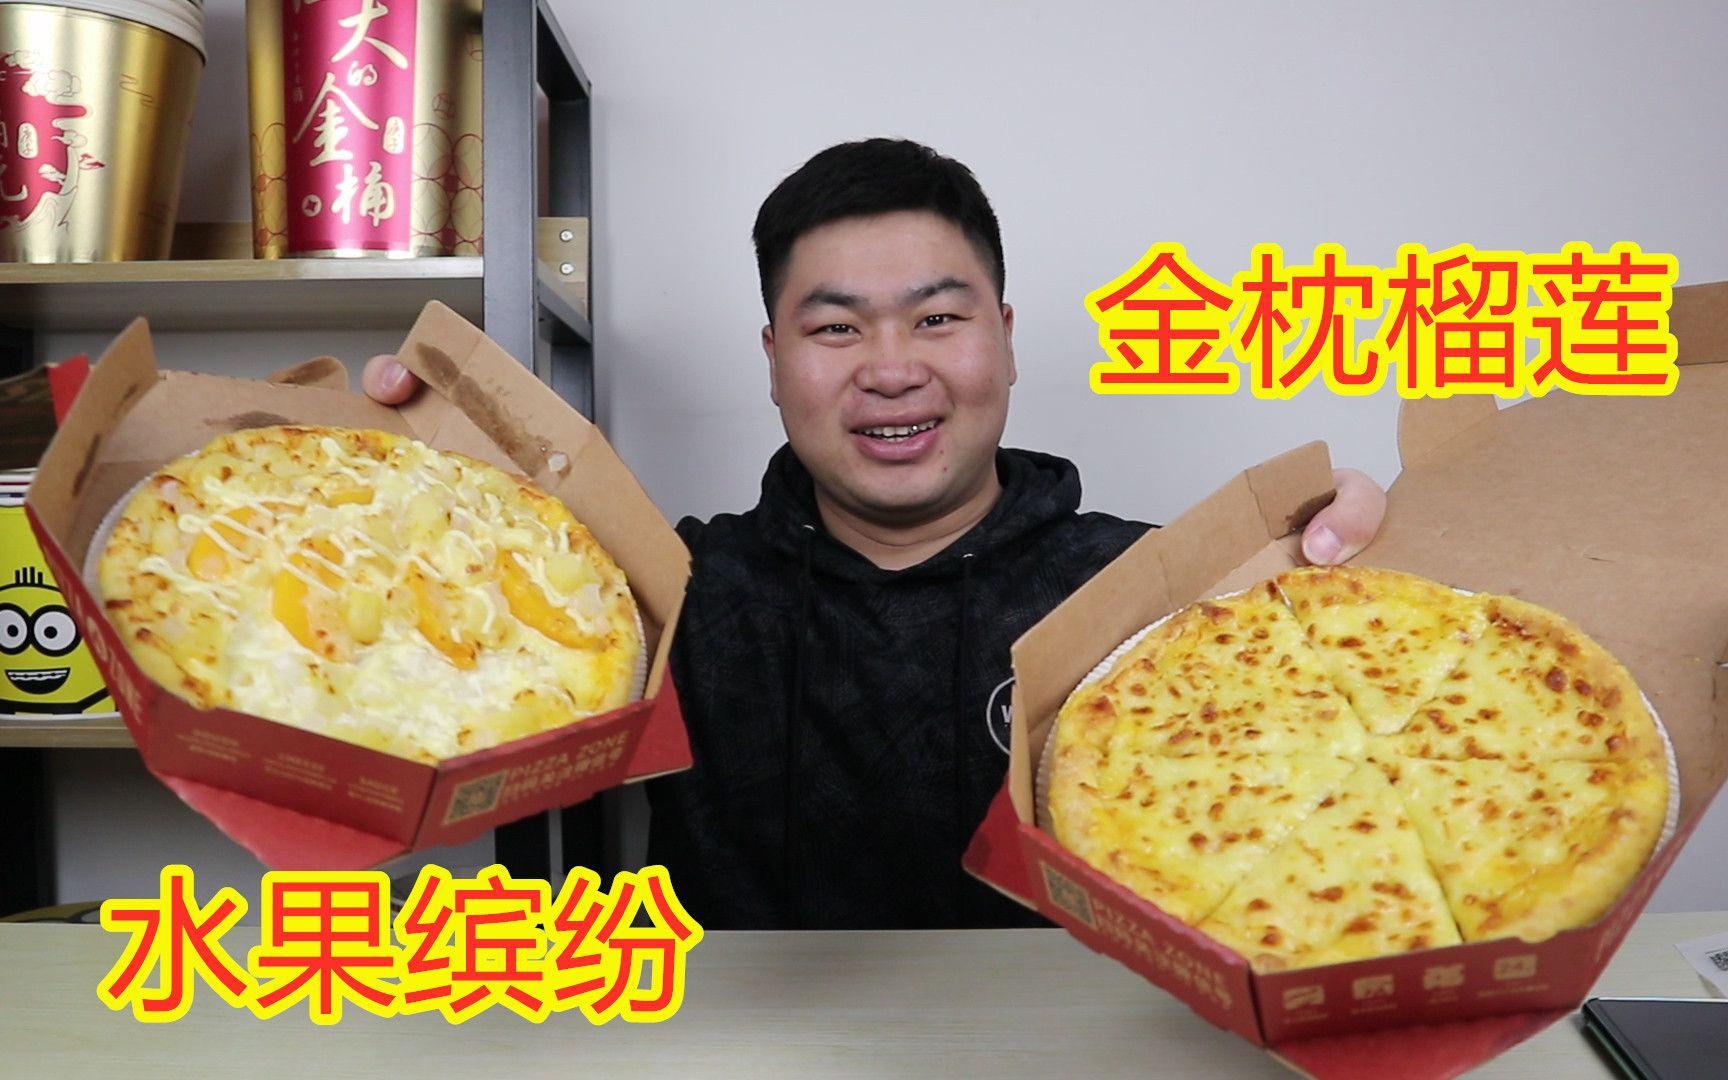 外卖83元买两份九寸披萨, 金枕榴莲搭配缤纷水果披萨, 味道很得劲啊